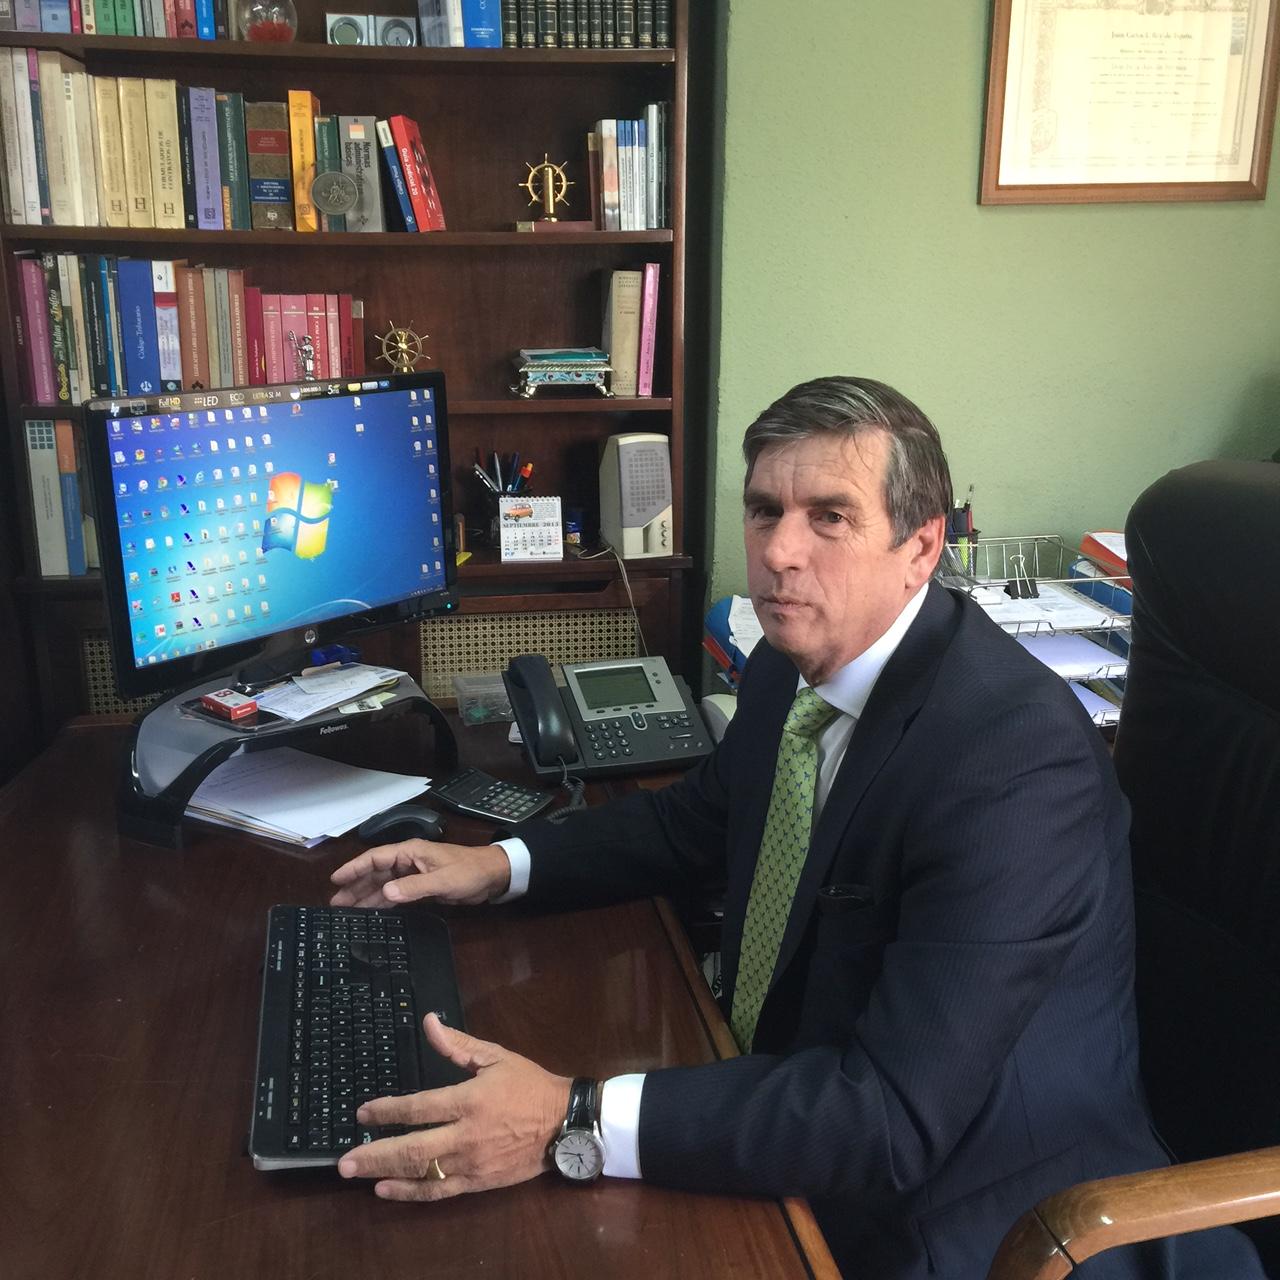 El Director del despacho, Felix Antolín Herniz